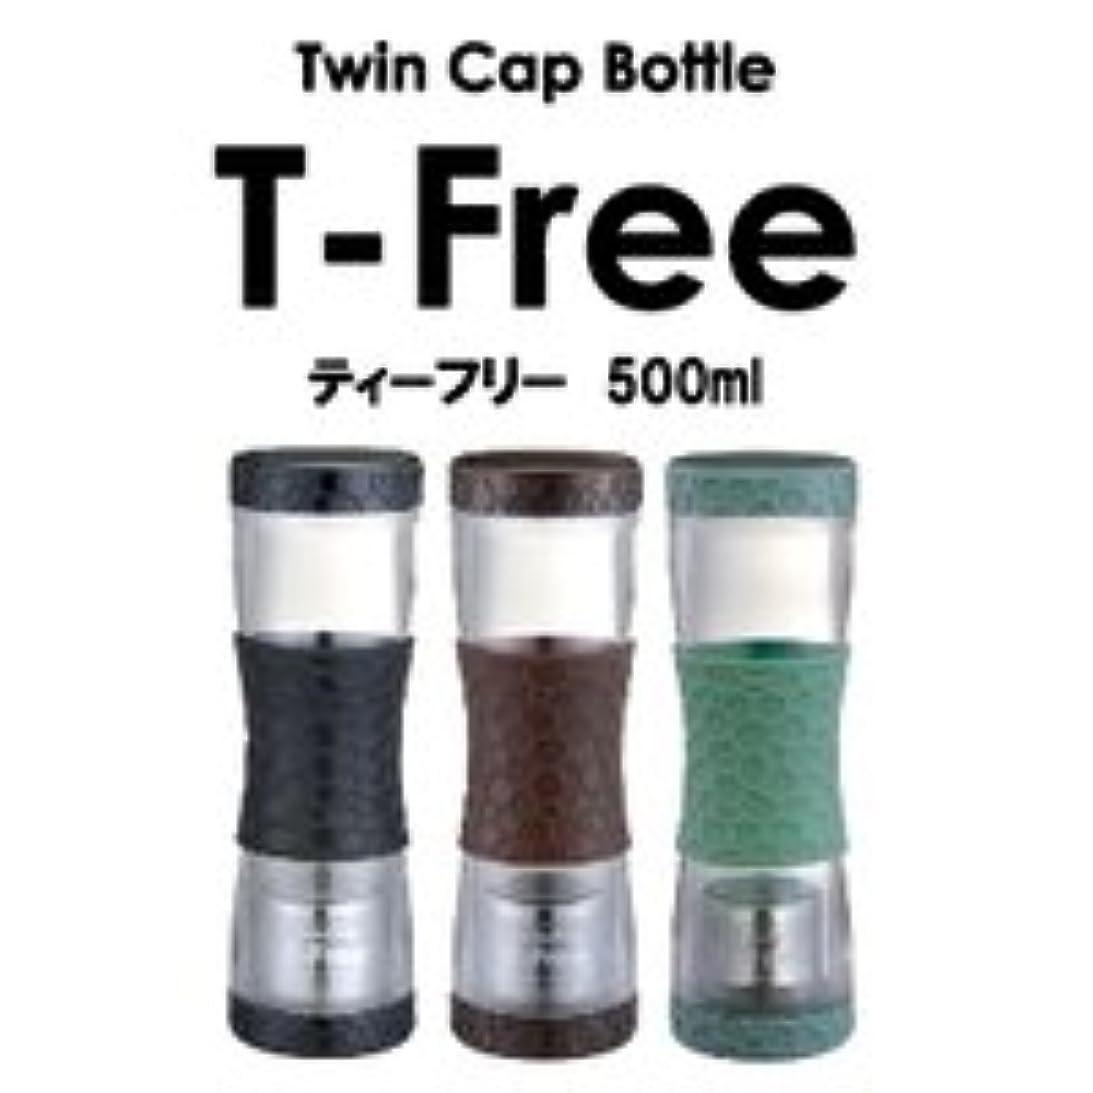 物足りない他に静めるティーフリー500ml T-Free (カラー:グリーン) ※使い方自由なツインキャップボトル